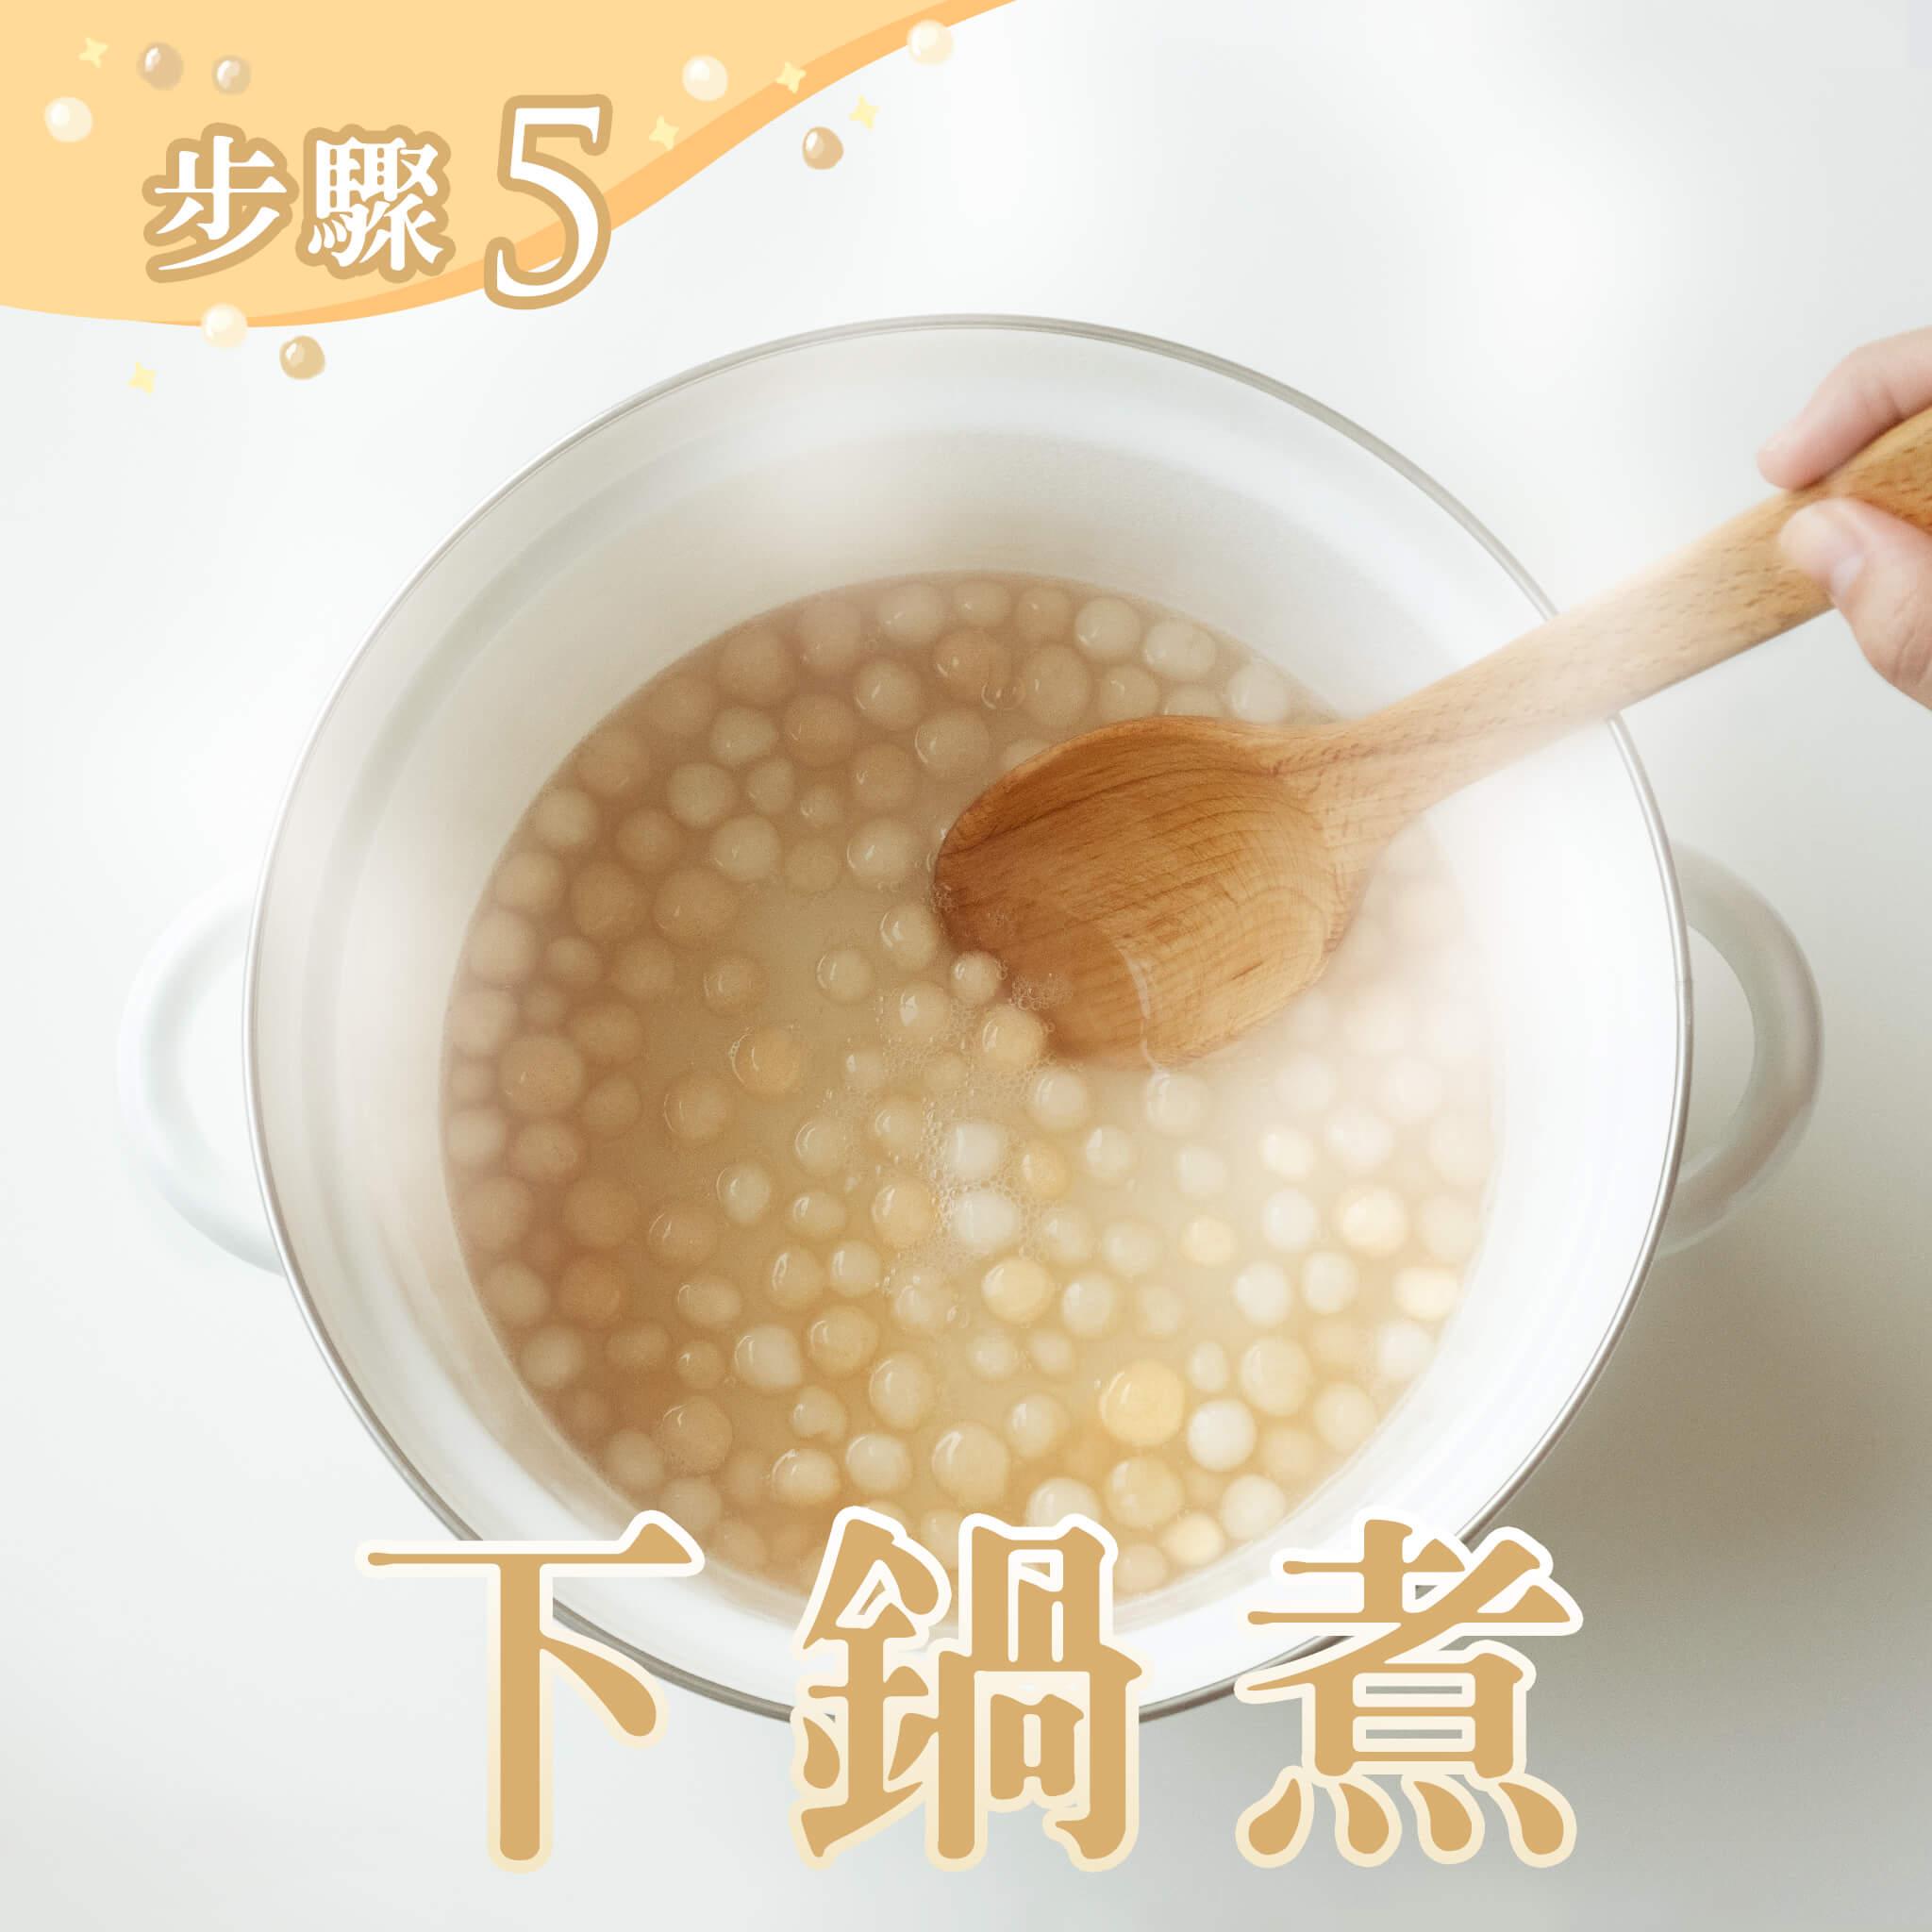 下鍋攪拌煮5分鐘,熄火蓋鍋20分鐘,待珍珠悶熟後,加入些許蜂蜜或糖水拌勻